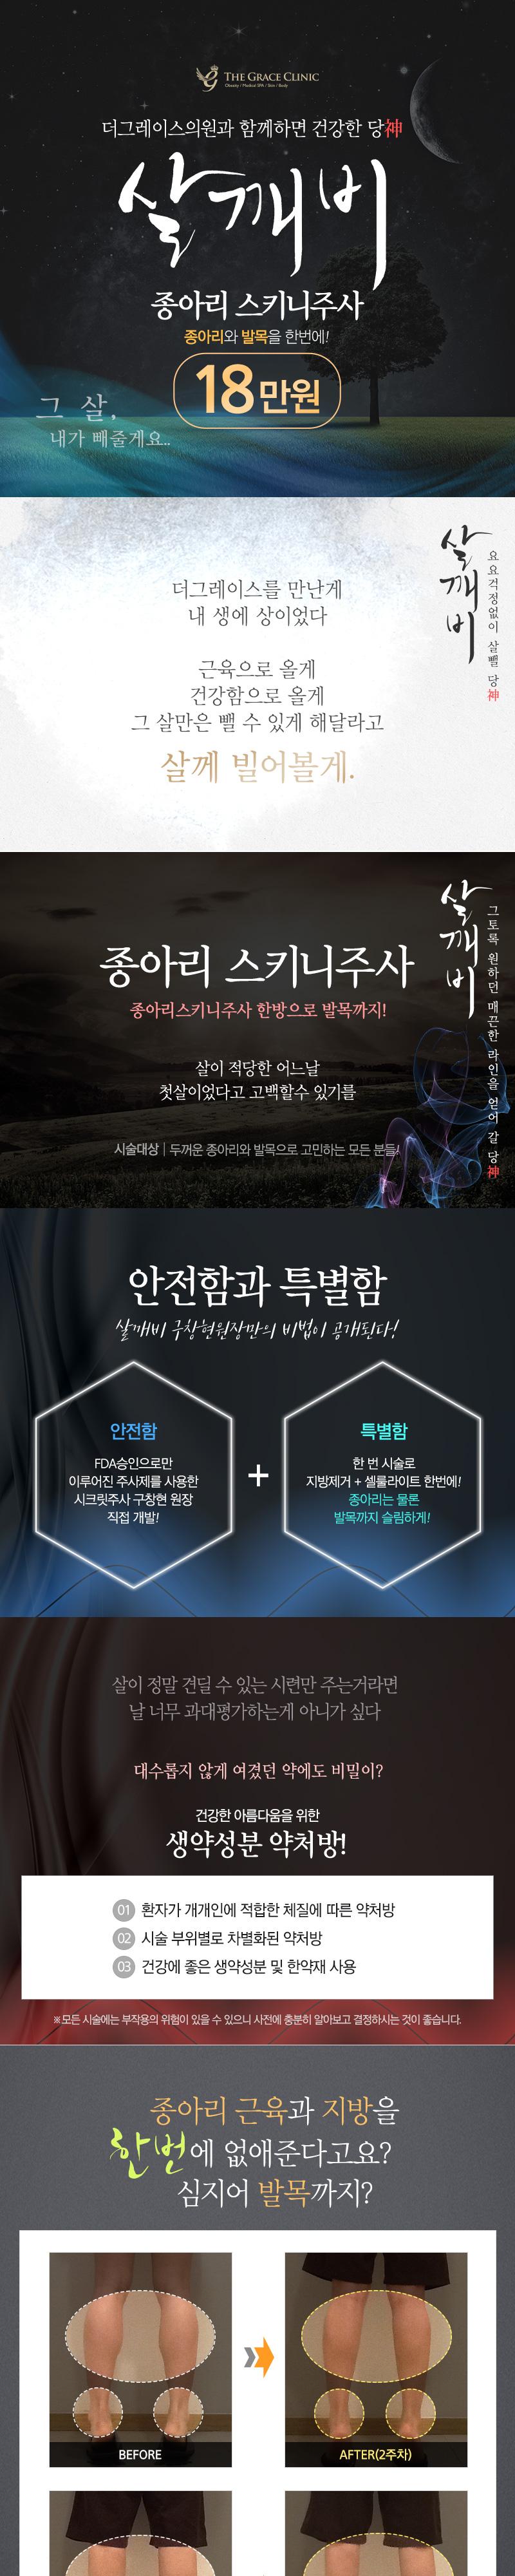 D event info be192a7612d05f98e5